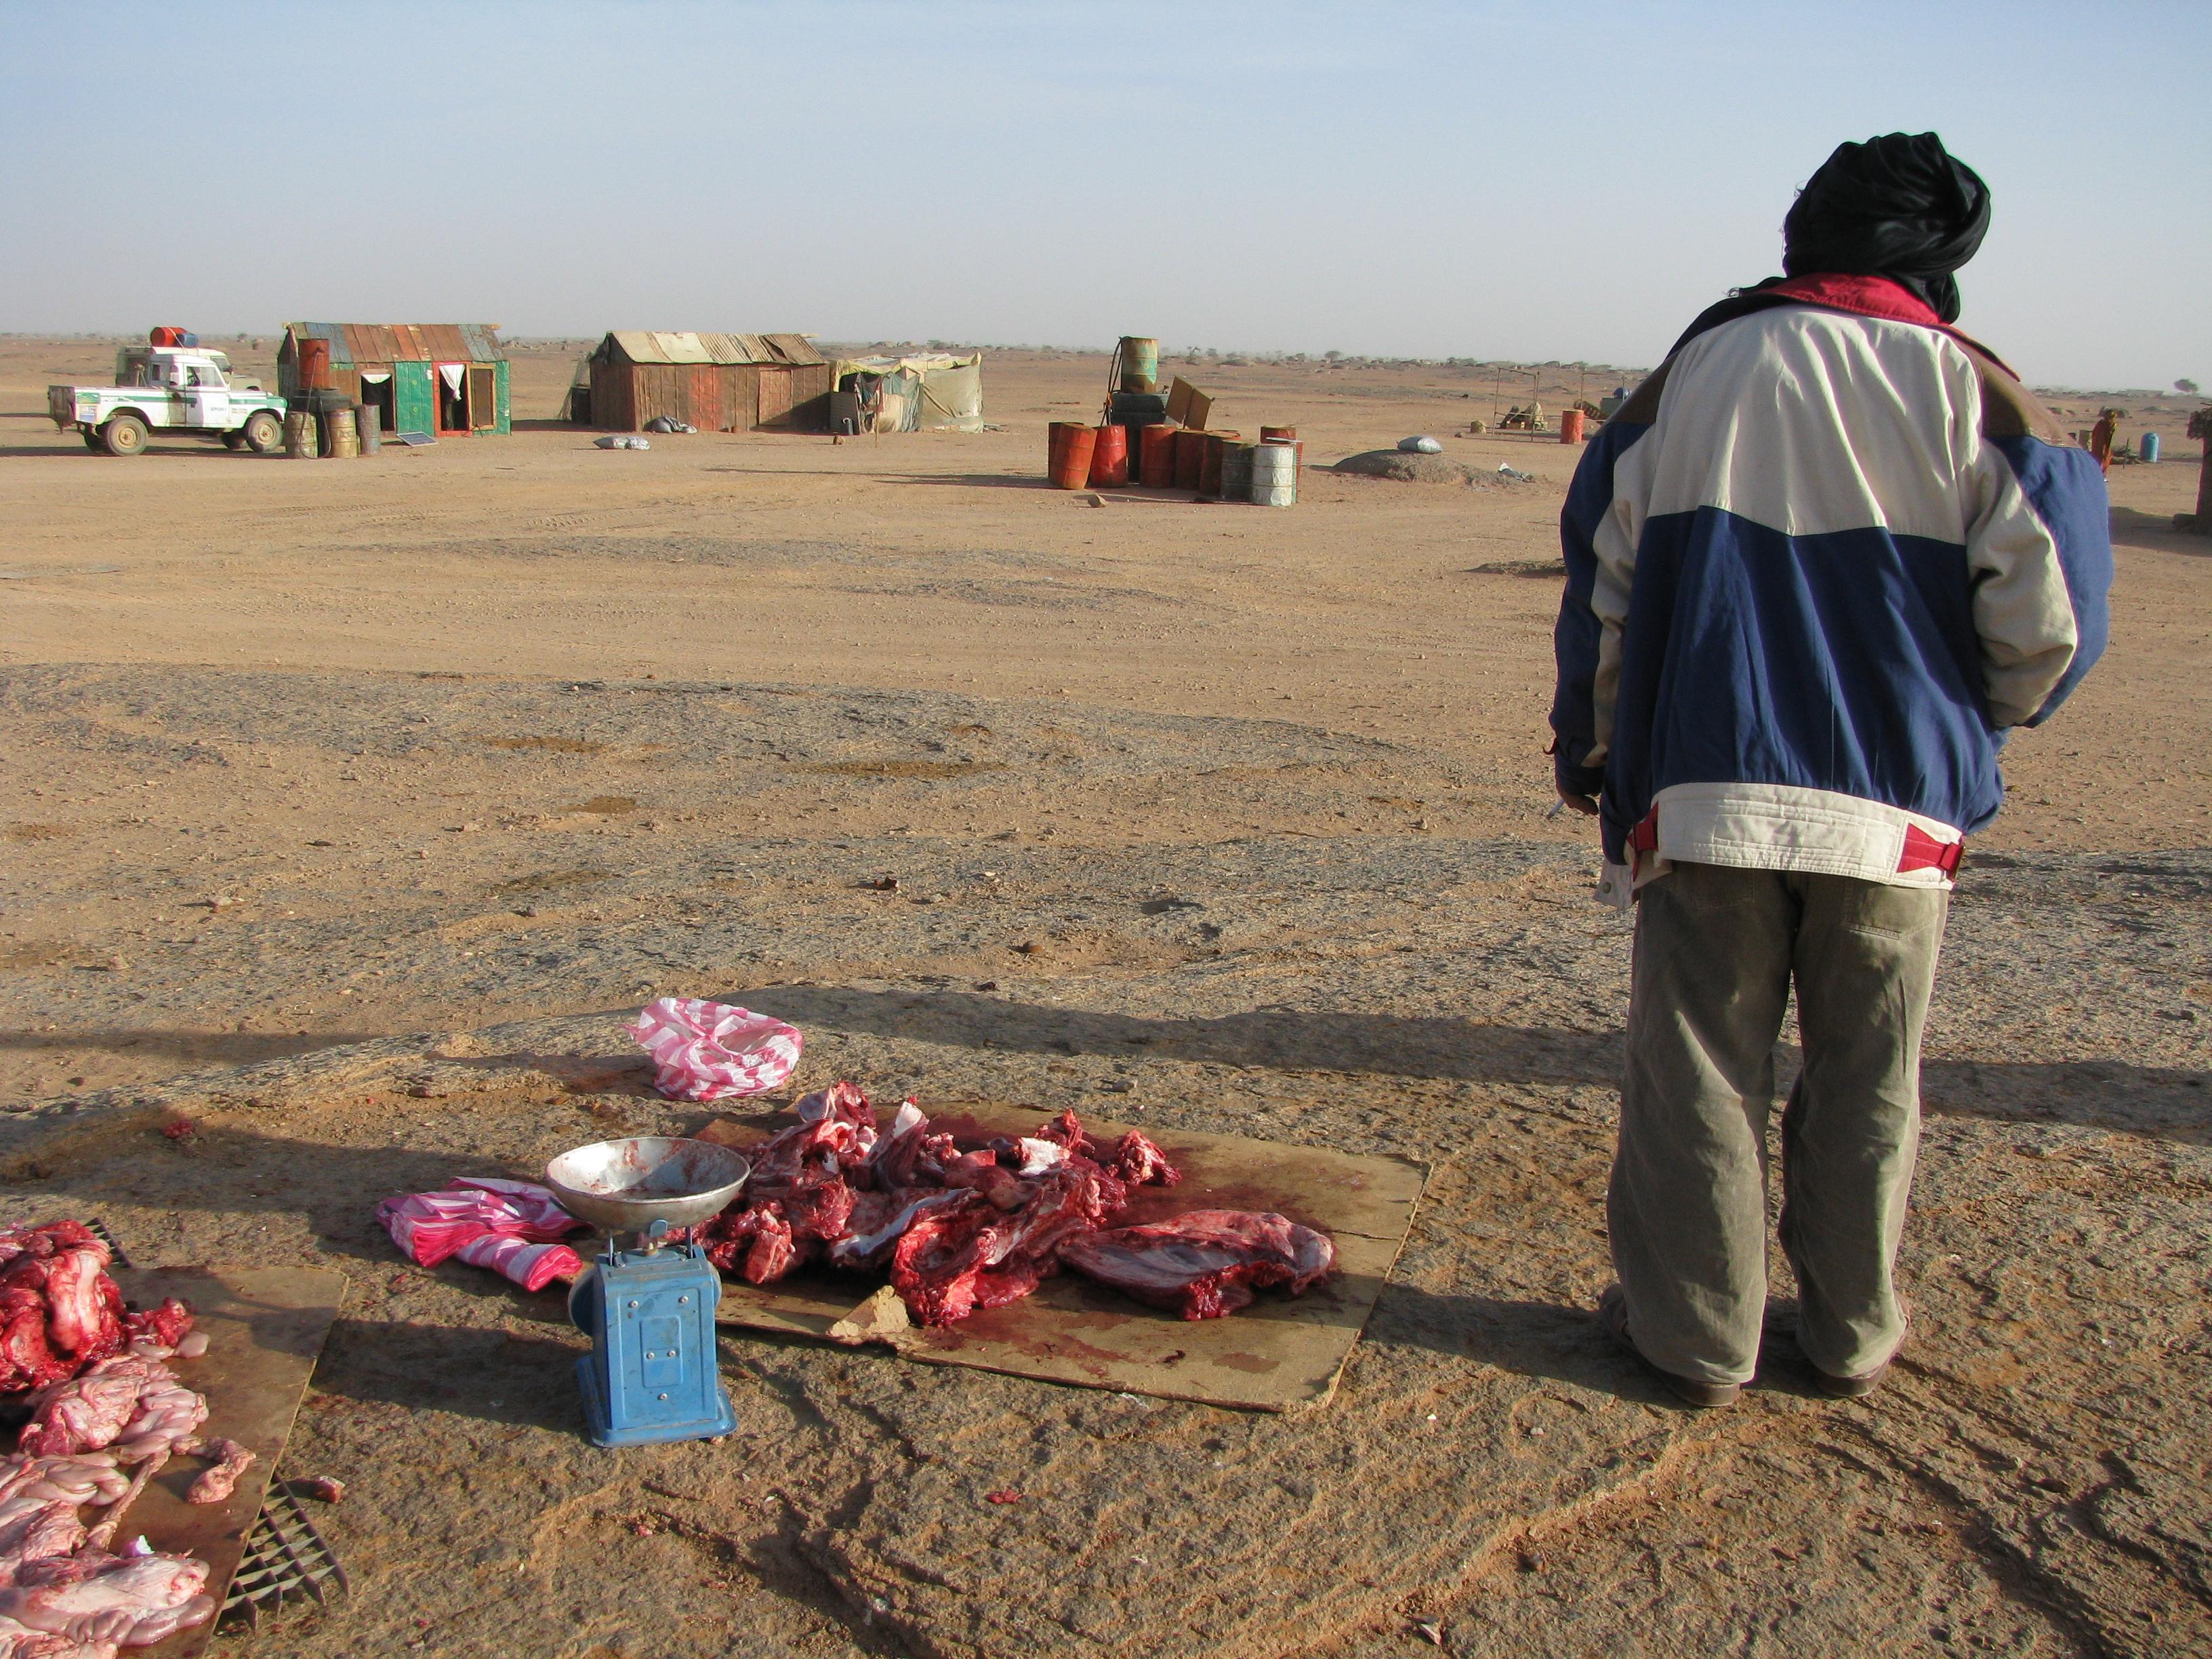 Le conflit armé du sahara marocain 3701287740_d4842e7253_o